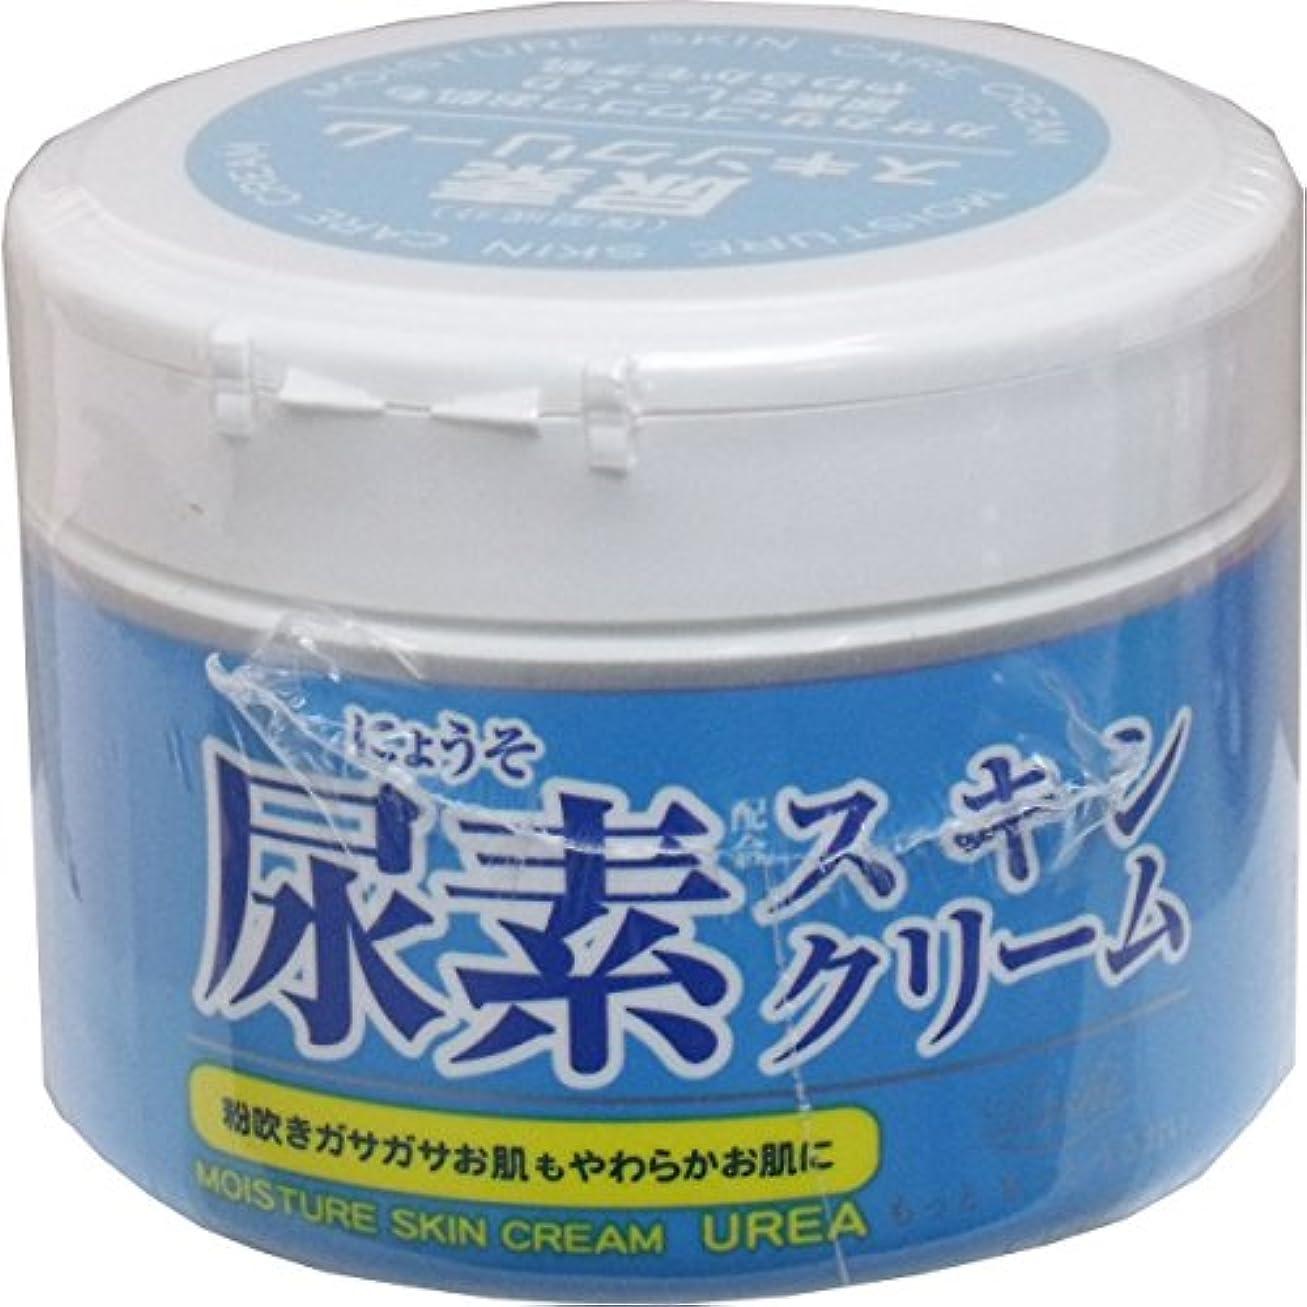 たらいトライアスロン公ロッシモイストエイド 尿素スキンクリーム × 5個セット